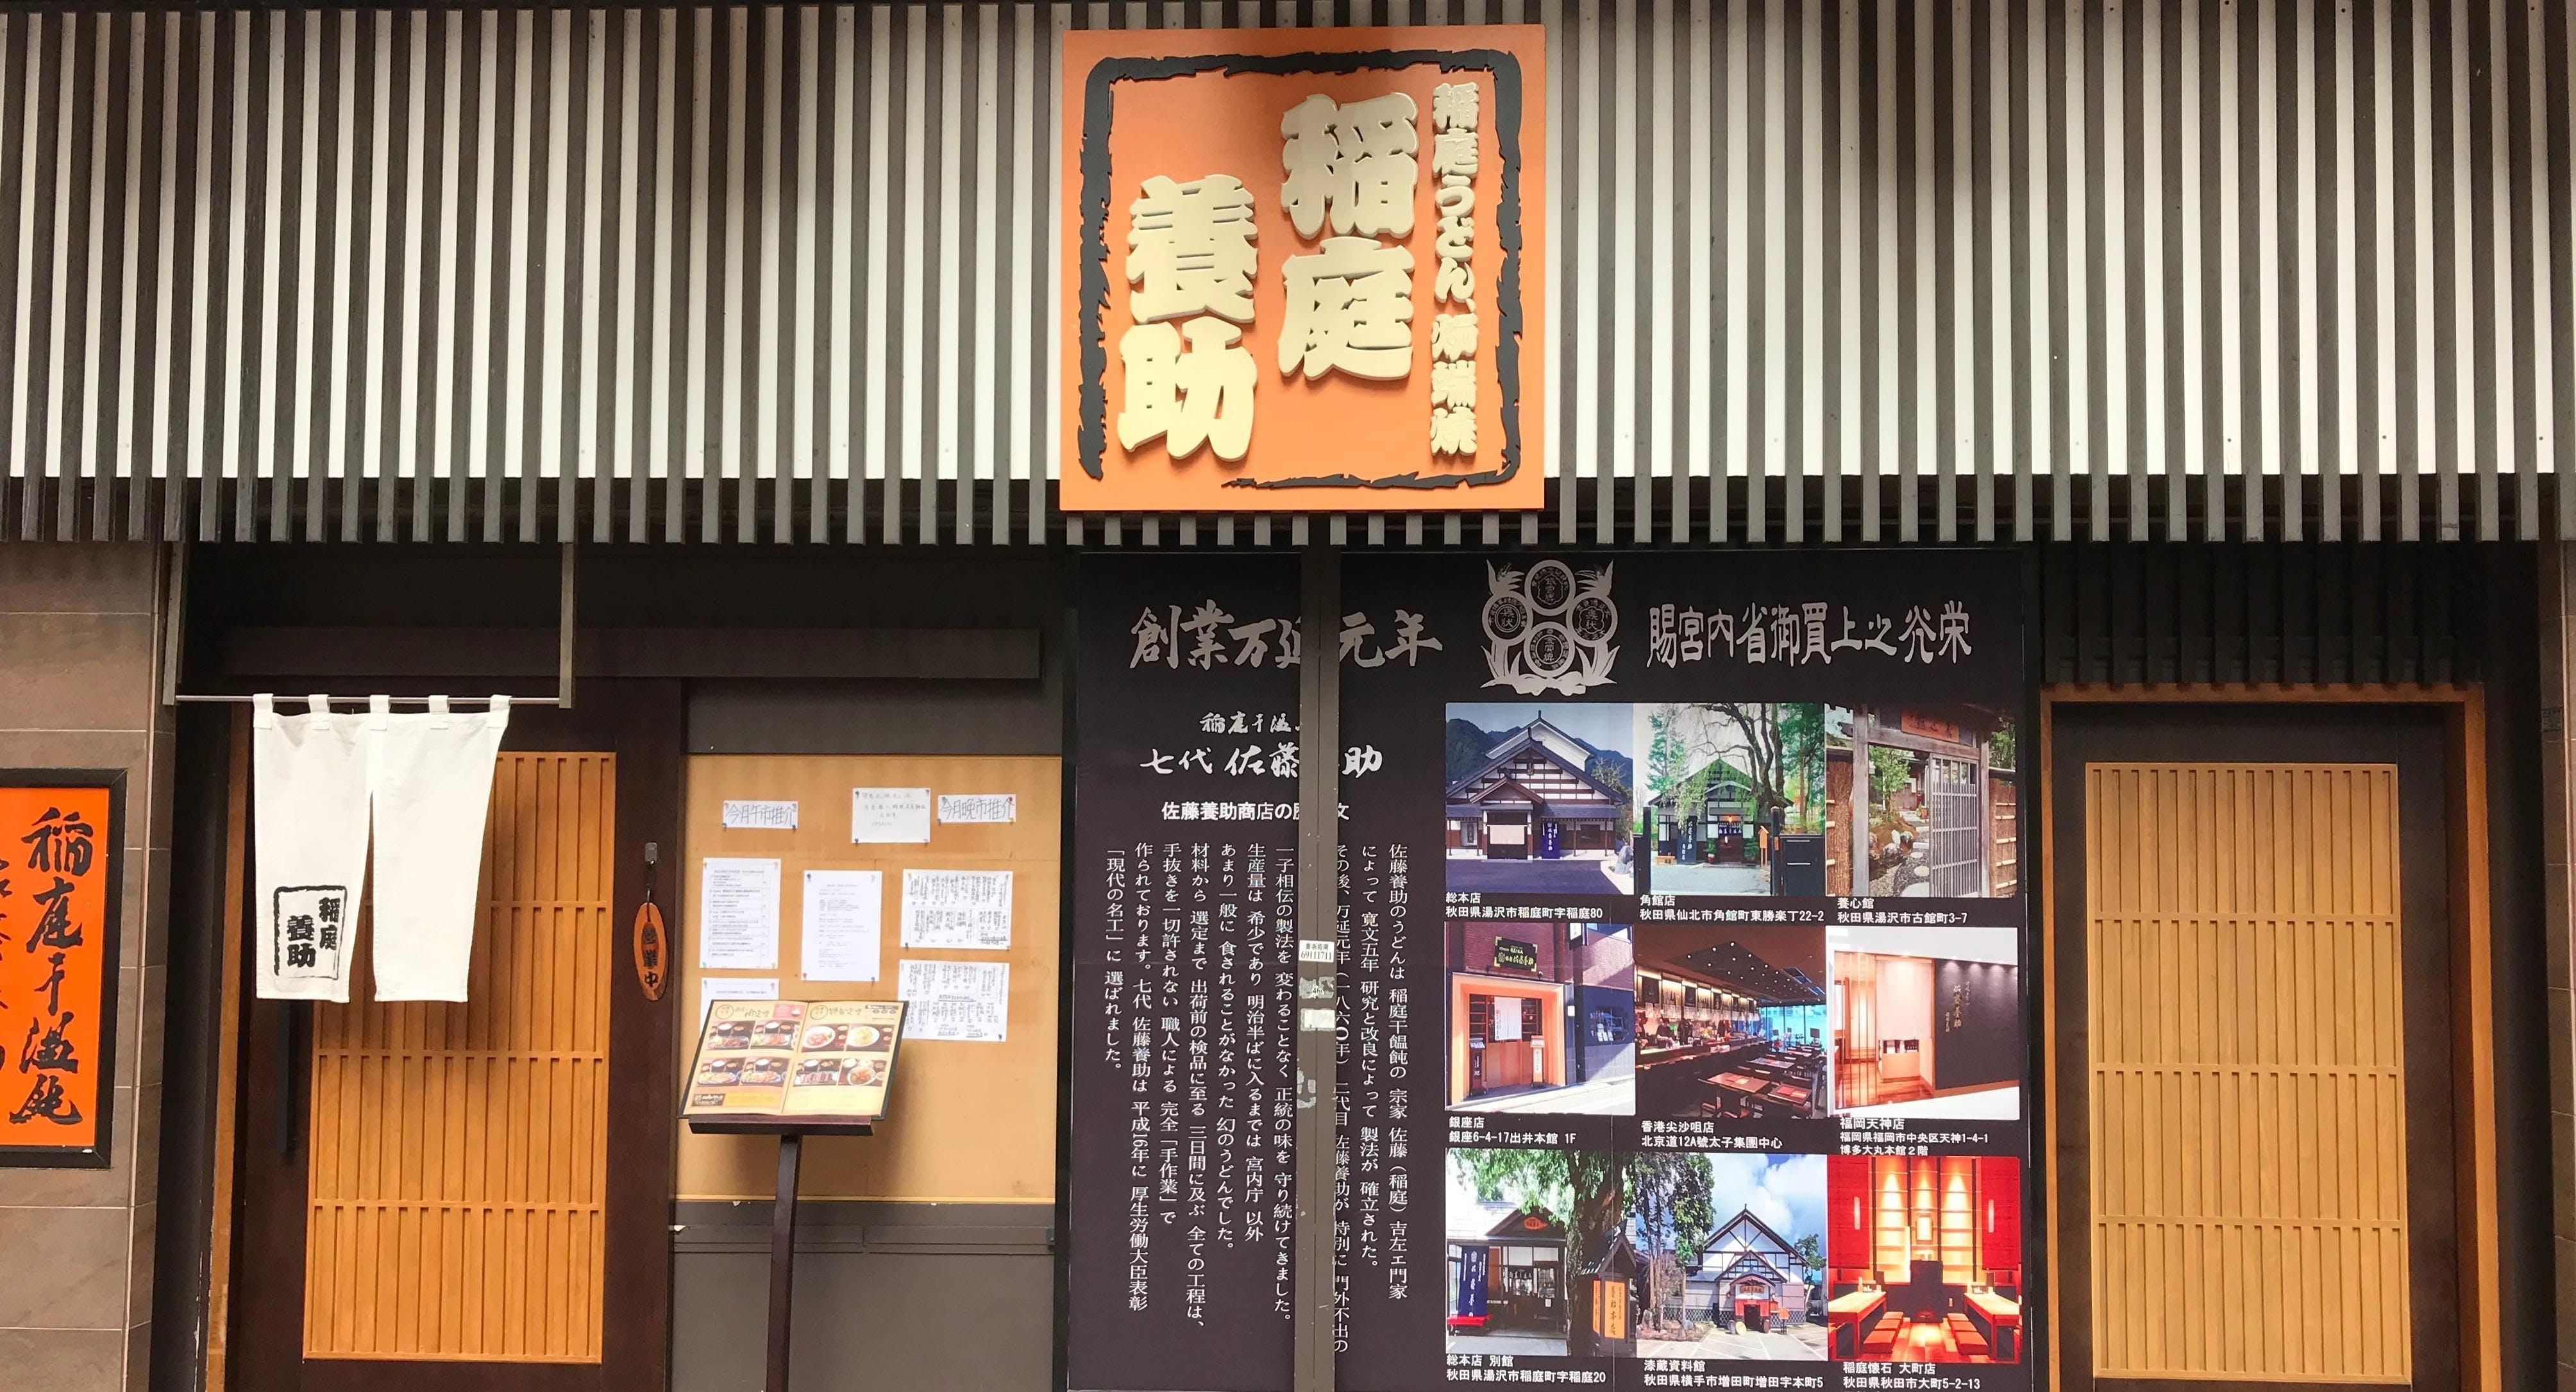 Inaniwa Yosuke - Hung Hom Hong Kong image 2